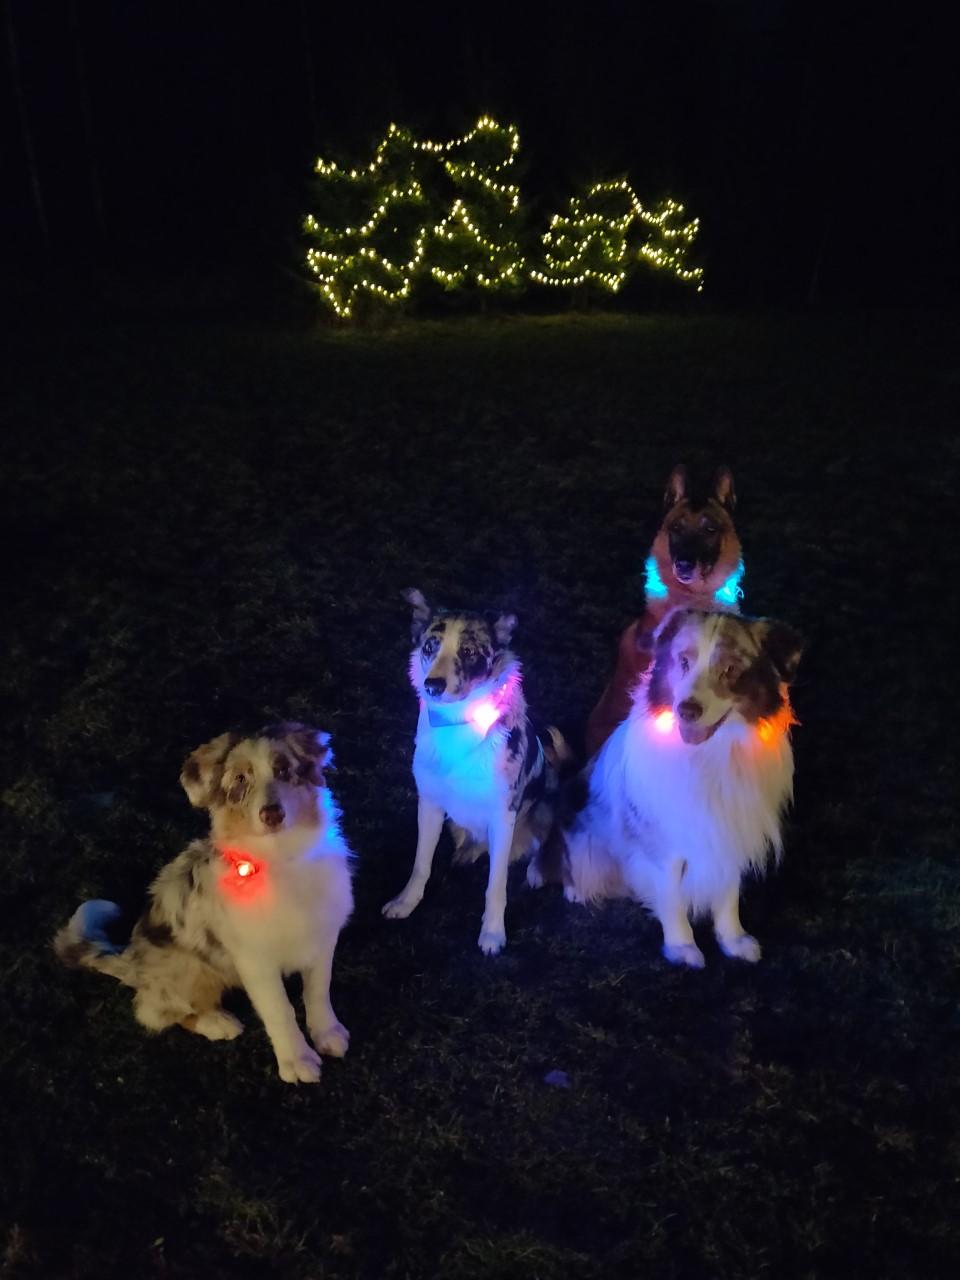 Kolme koiraa pimeässä heijastimilla